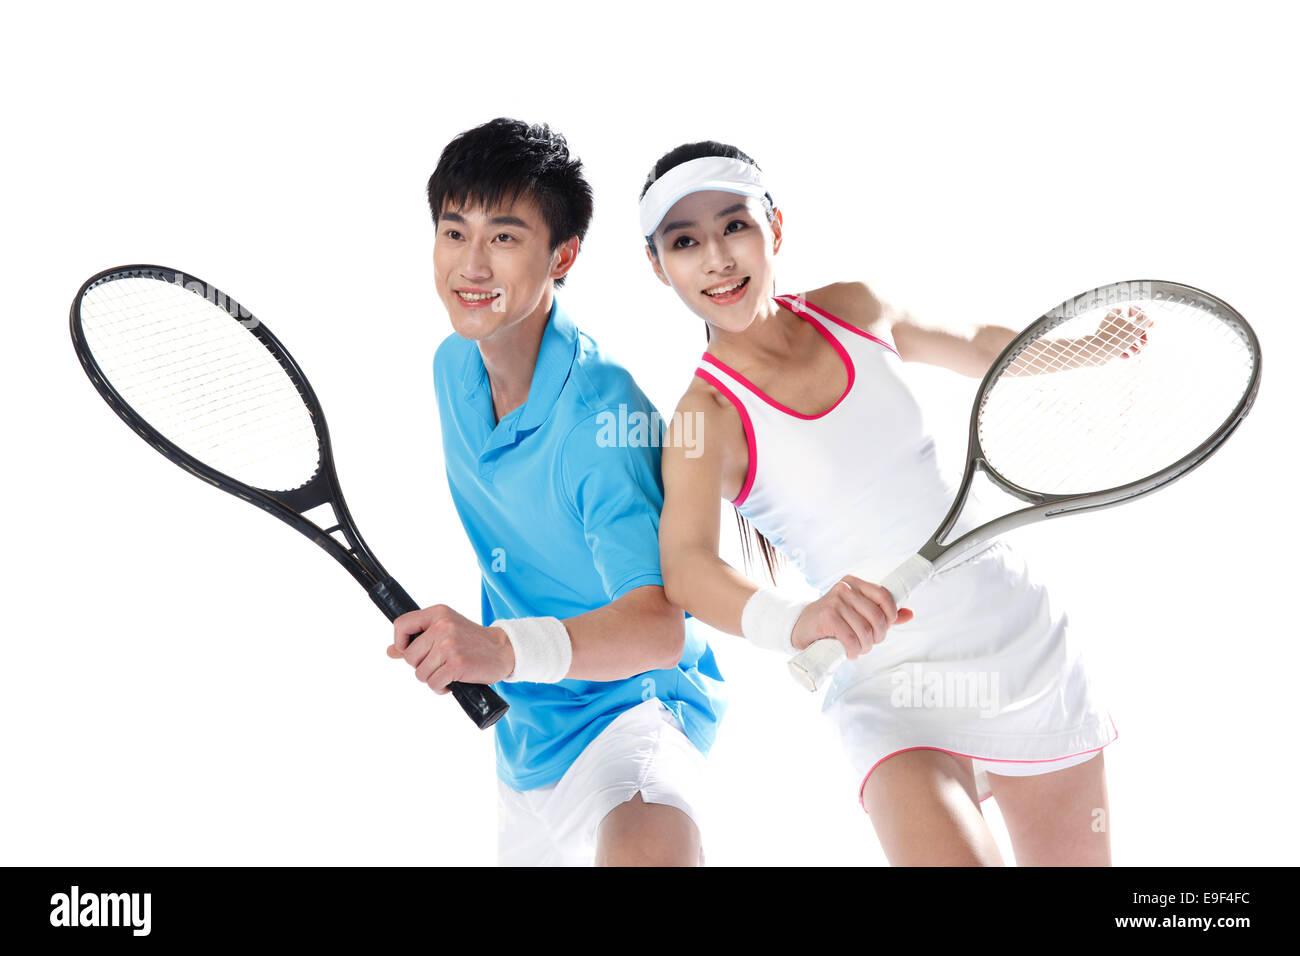 Jugadores de tenis Imagen De Stock